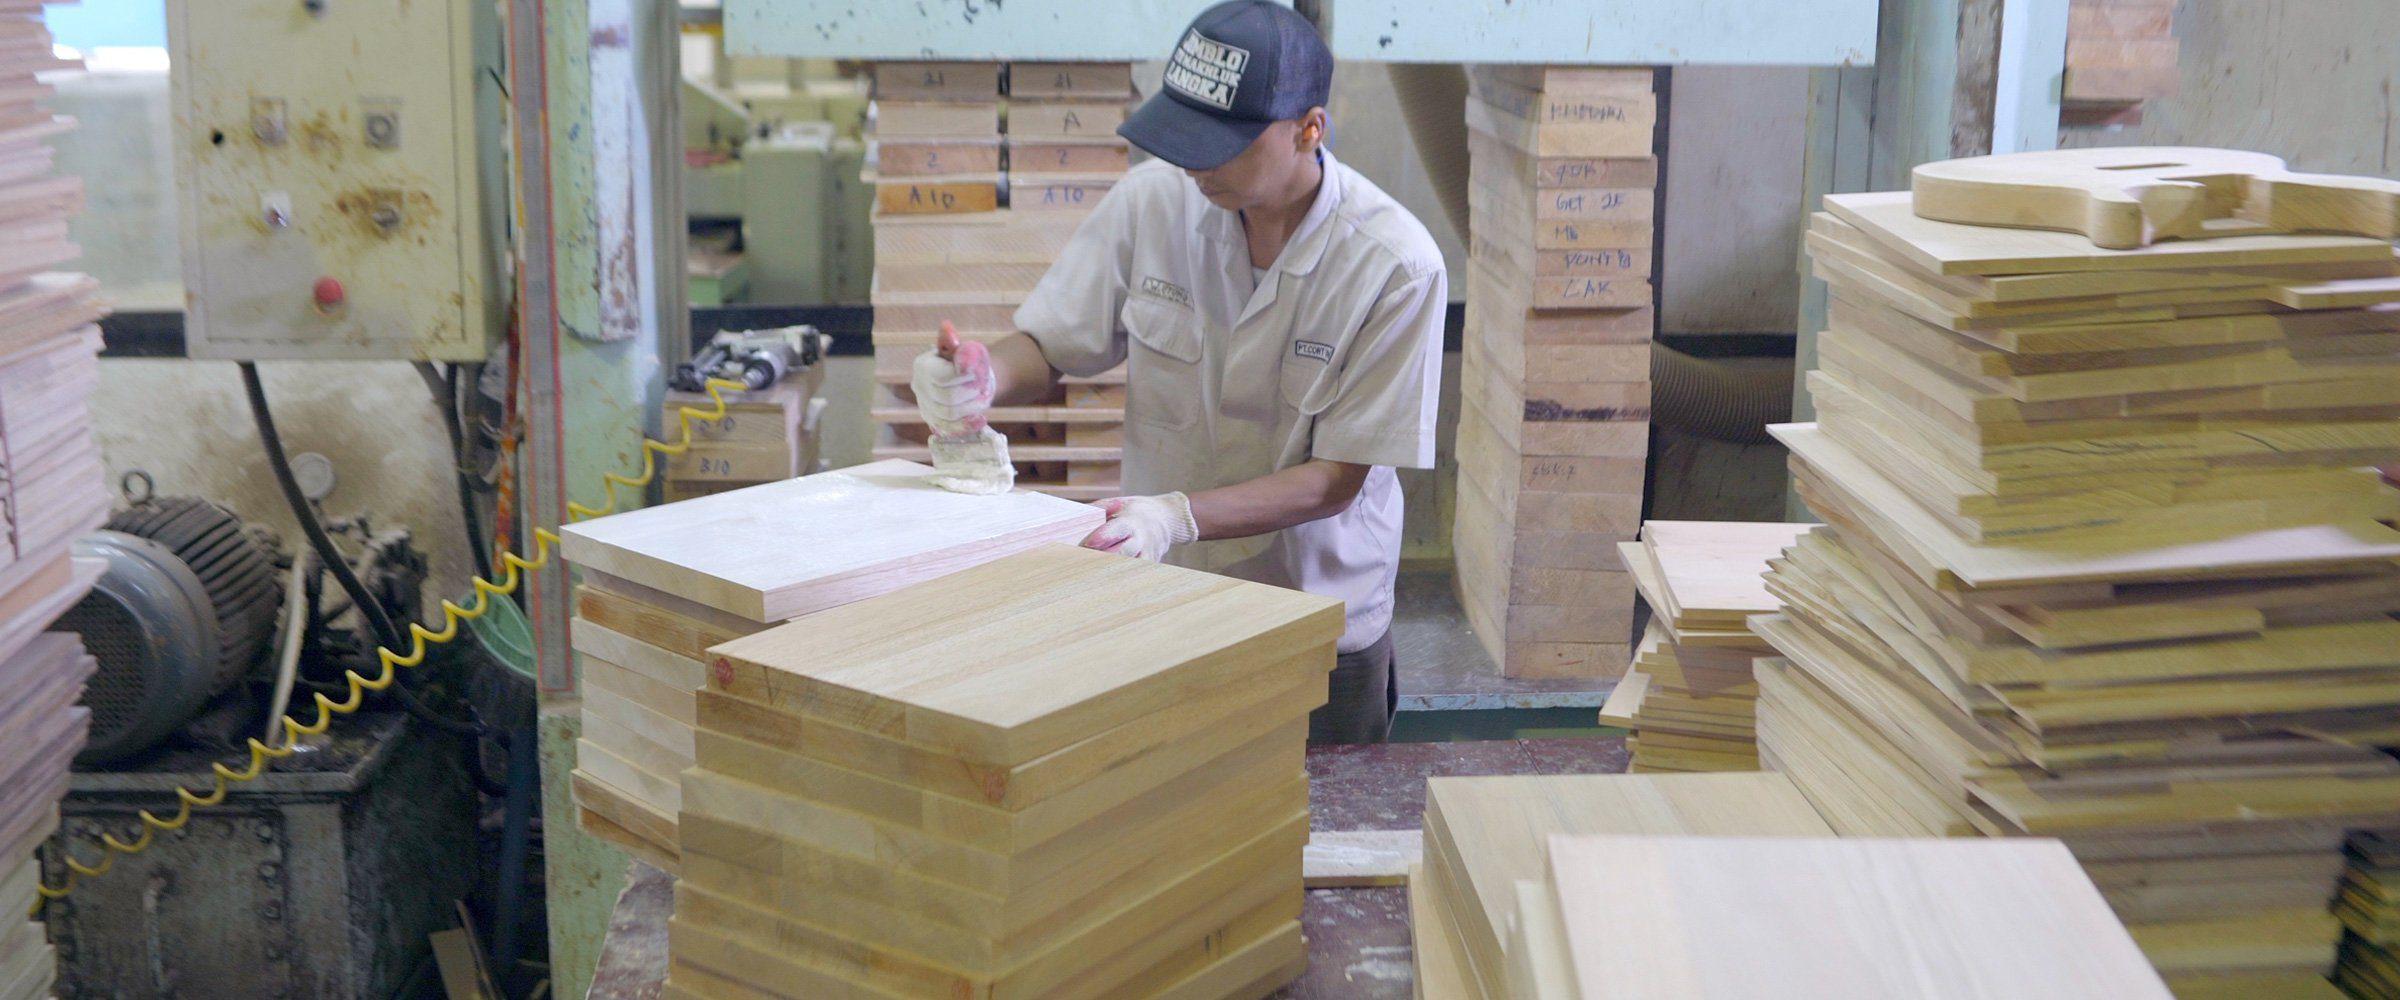 PRS Factory Tour Holz Arbeiter Fabrik